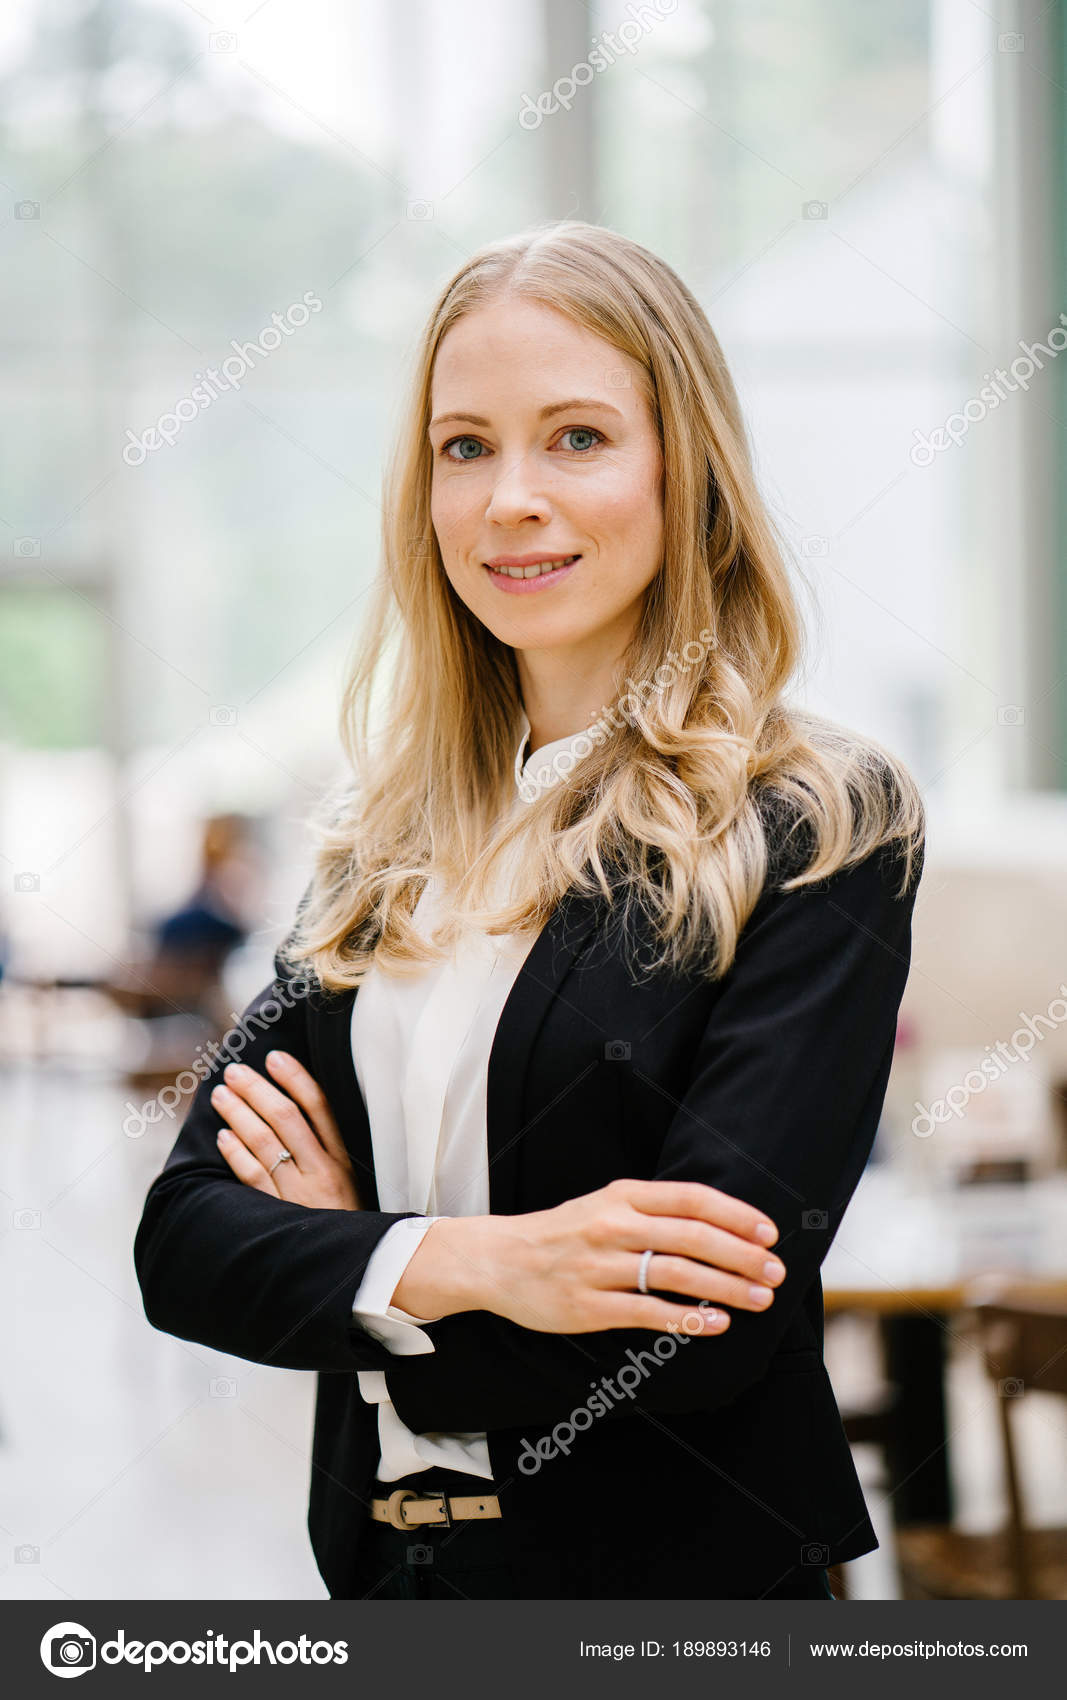 Die weiße Frau der Asiens aus dem Kopf